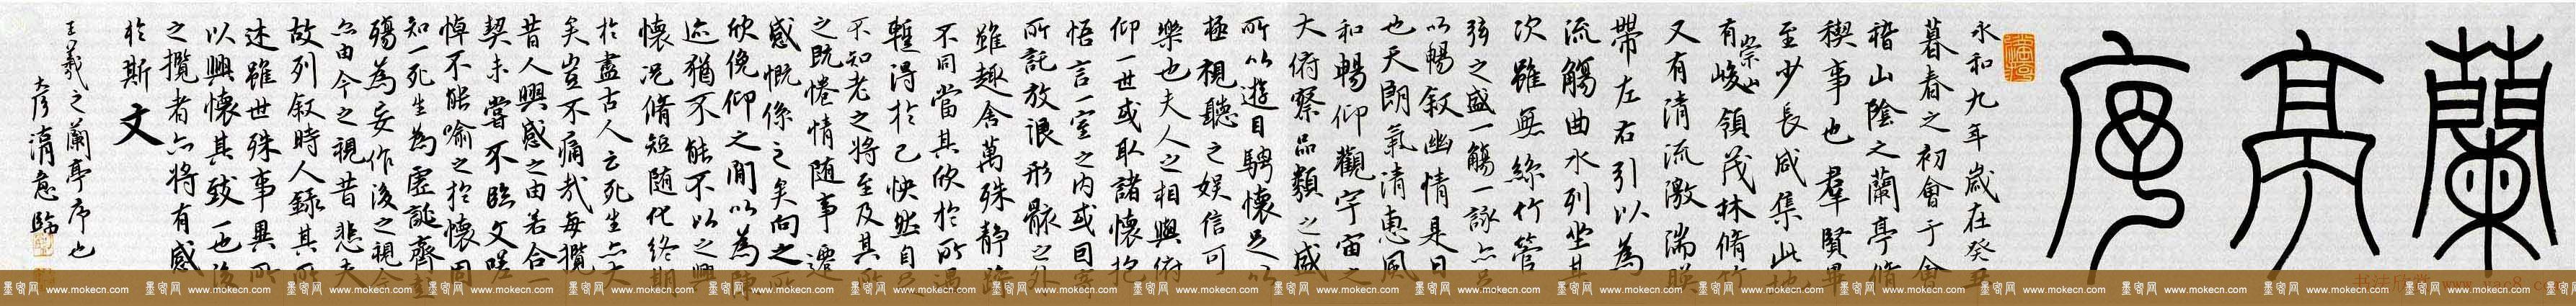 刘彦湖书法手卷意临王羲之兰亭序